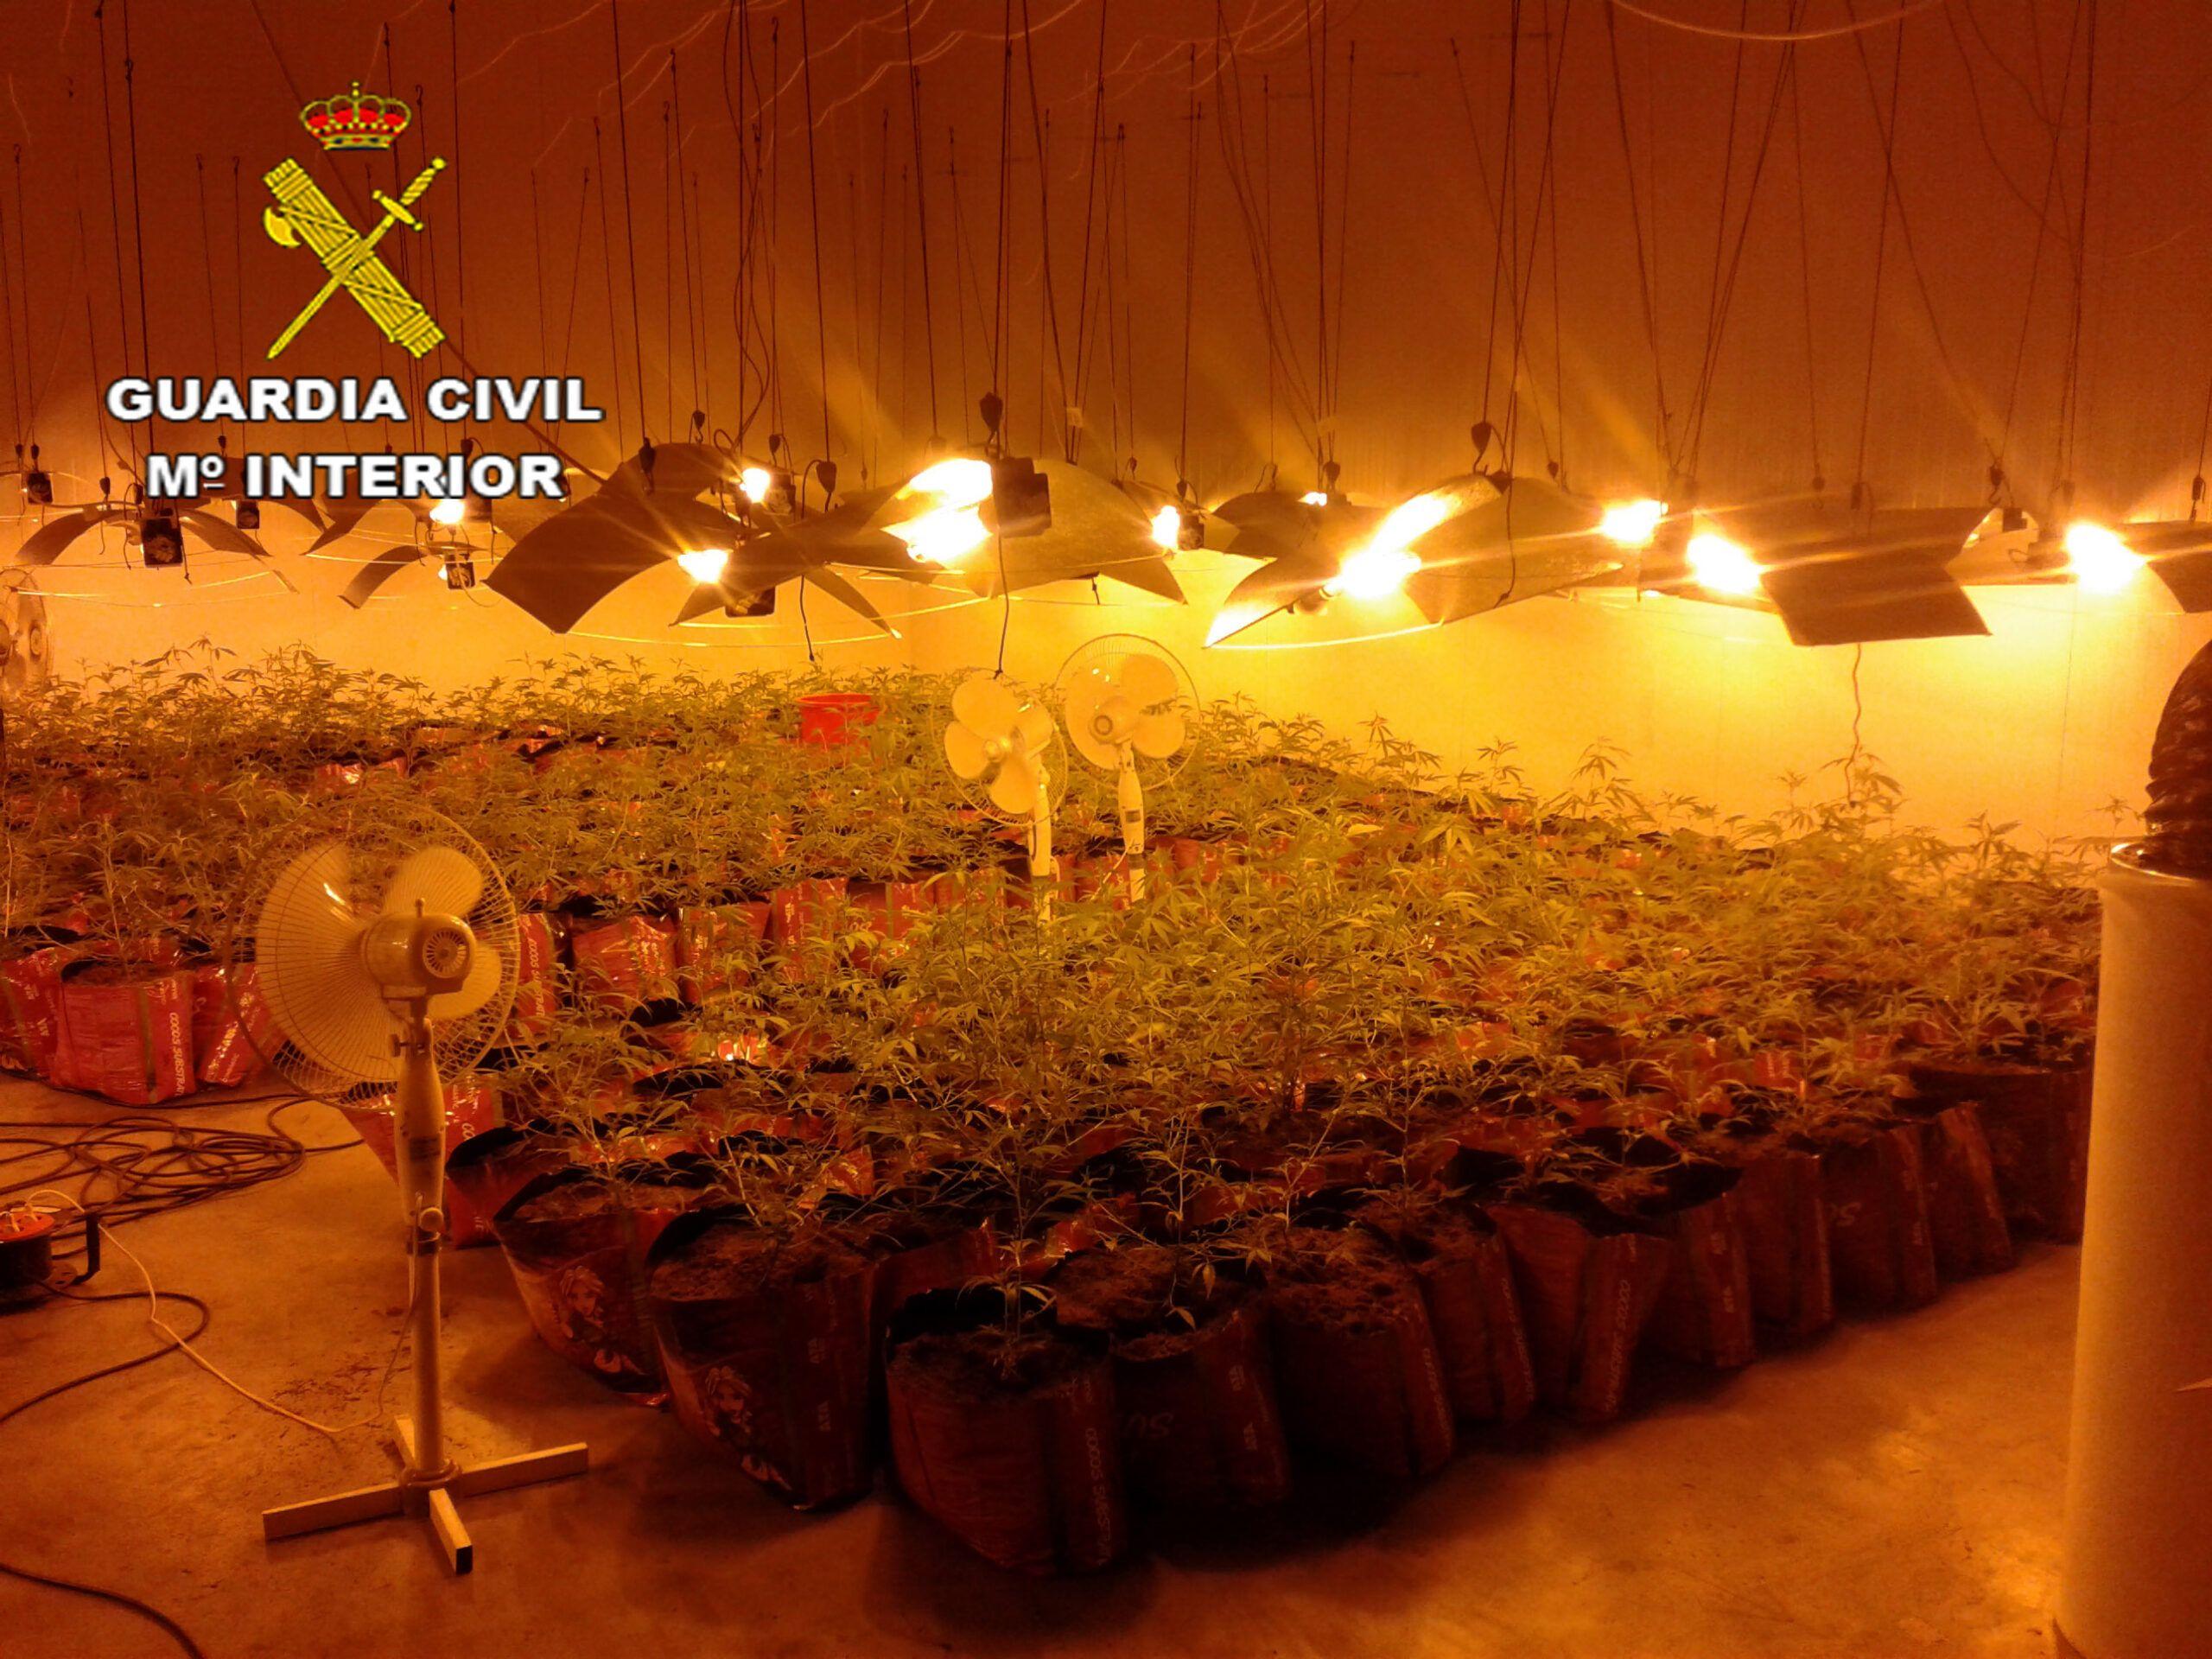 La Guardia Civil detiene a 4 personas por cultivar marihuana en Marchamalo